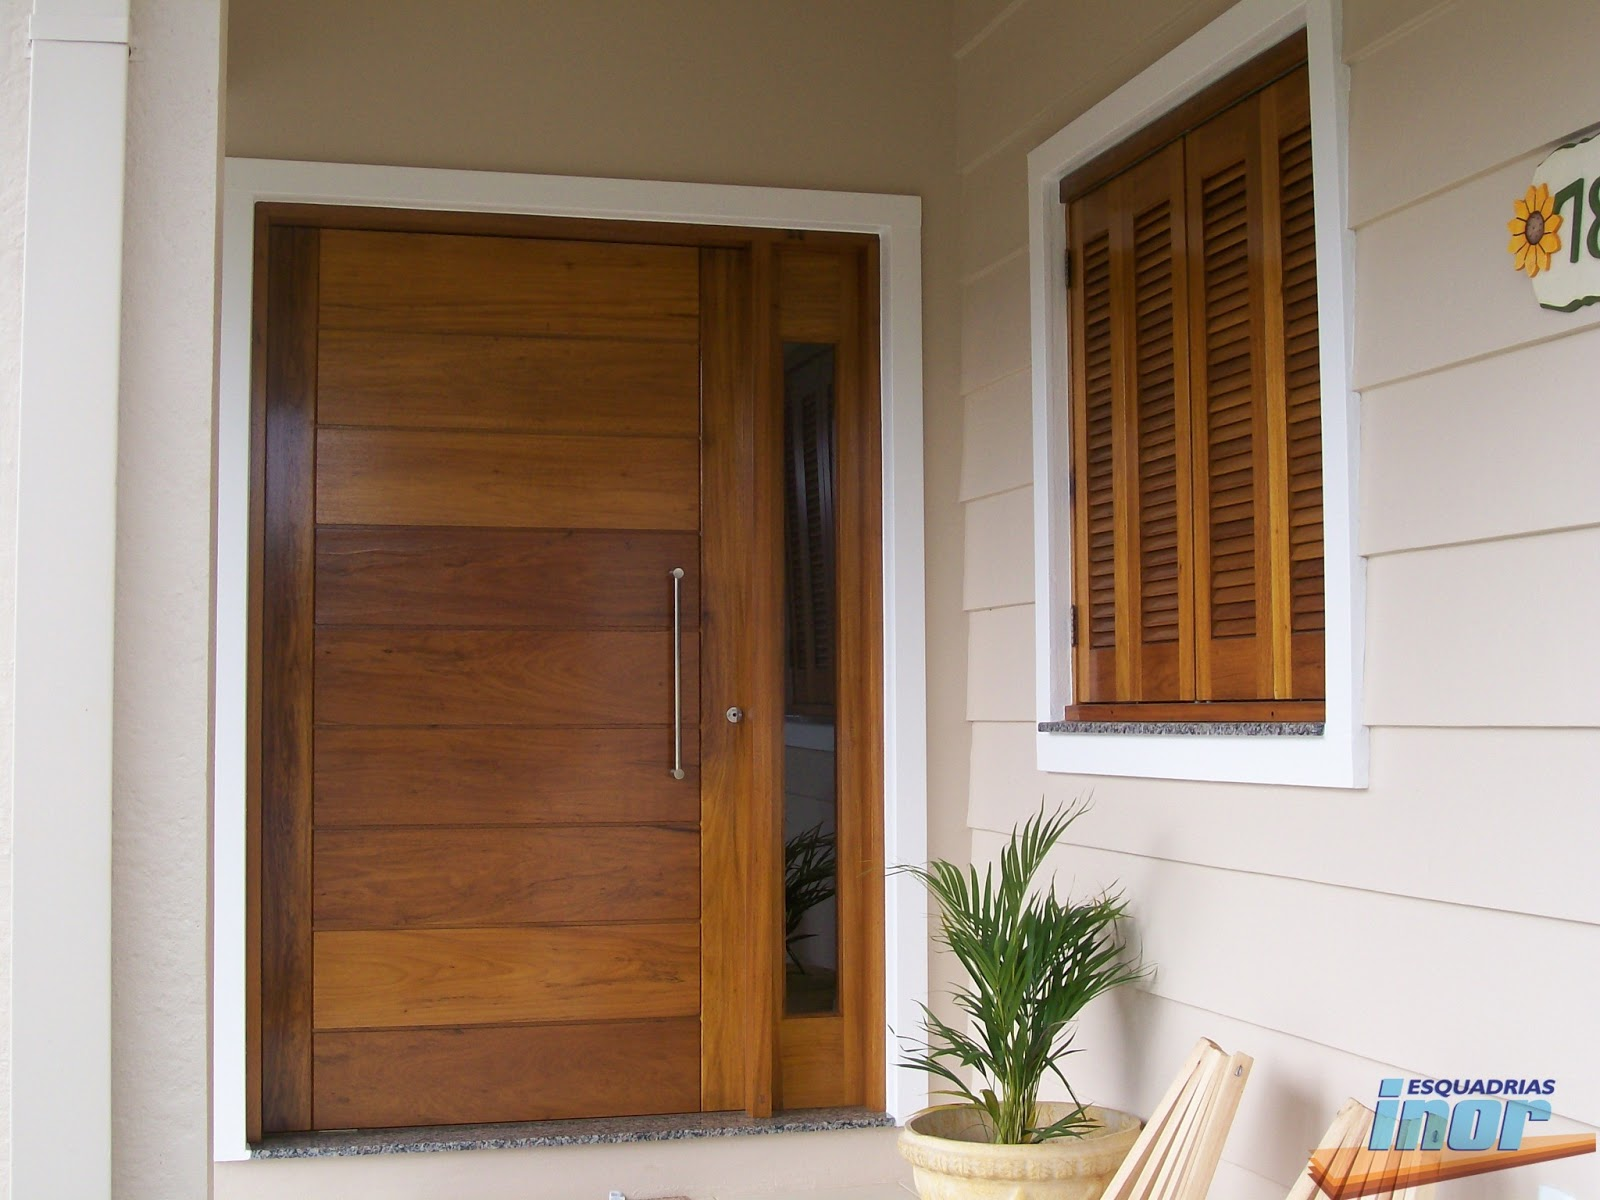 PES3 Porta entrada lambris na horizontal pivotante #A0682B 1600x1200 Banheiro Com Duas Portas De Entrada